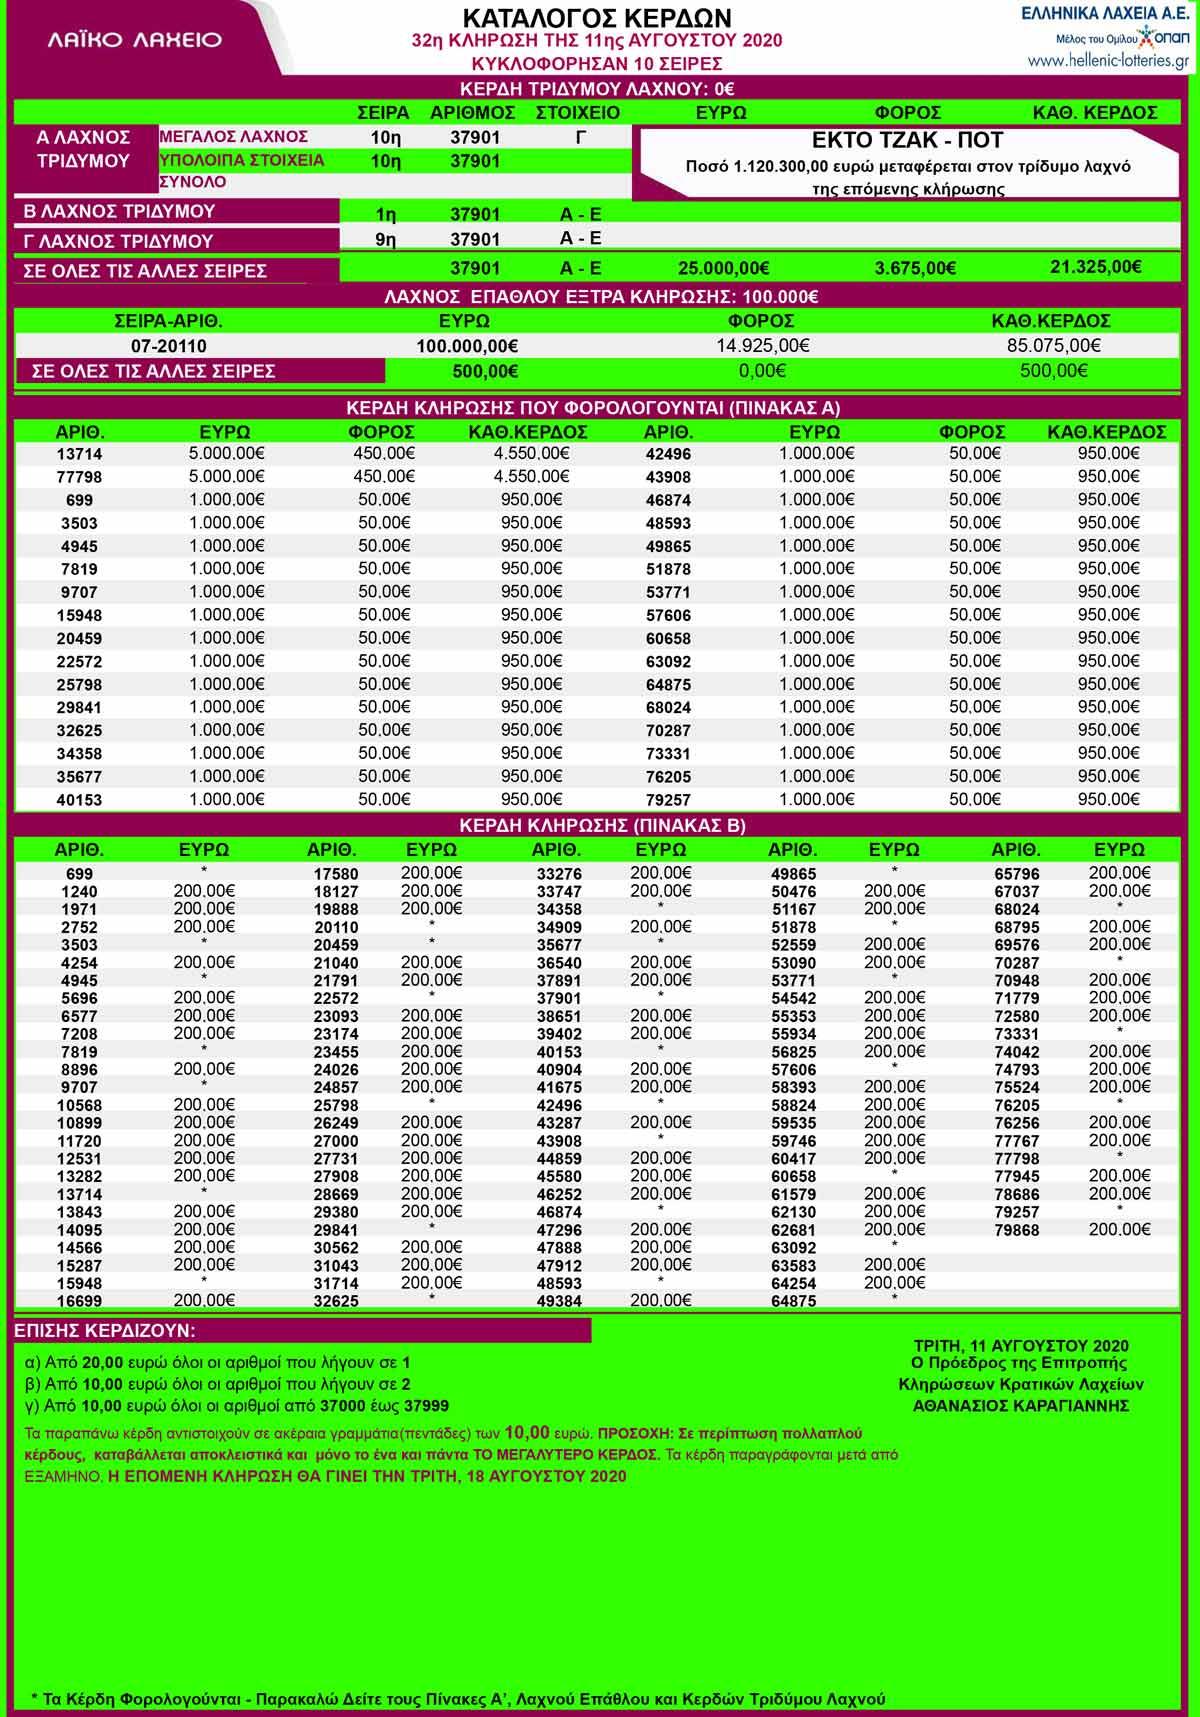 laiko-laxeio-11-08-2020-laiko-11-augoustou-2020-apotelesmata-klirosi-31-laikoy